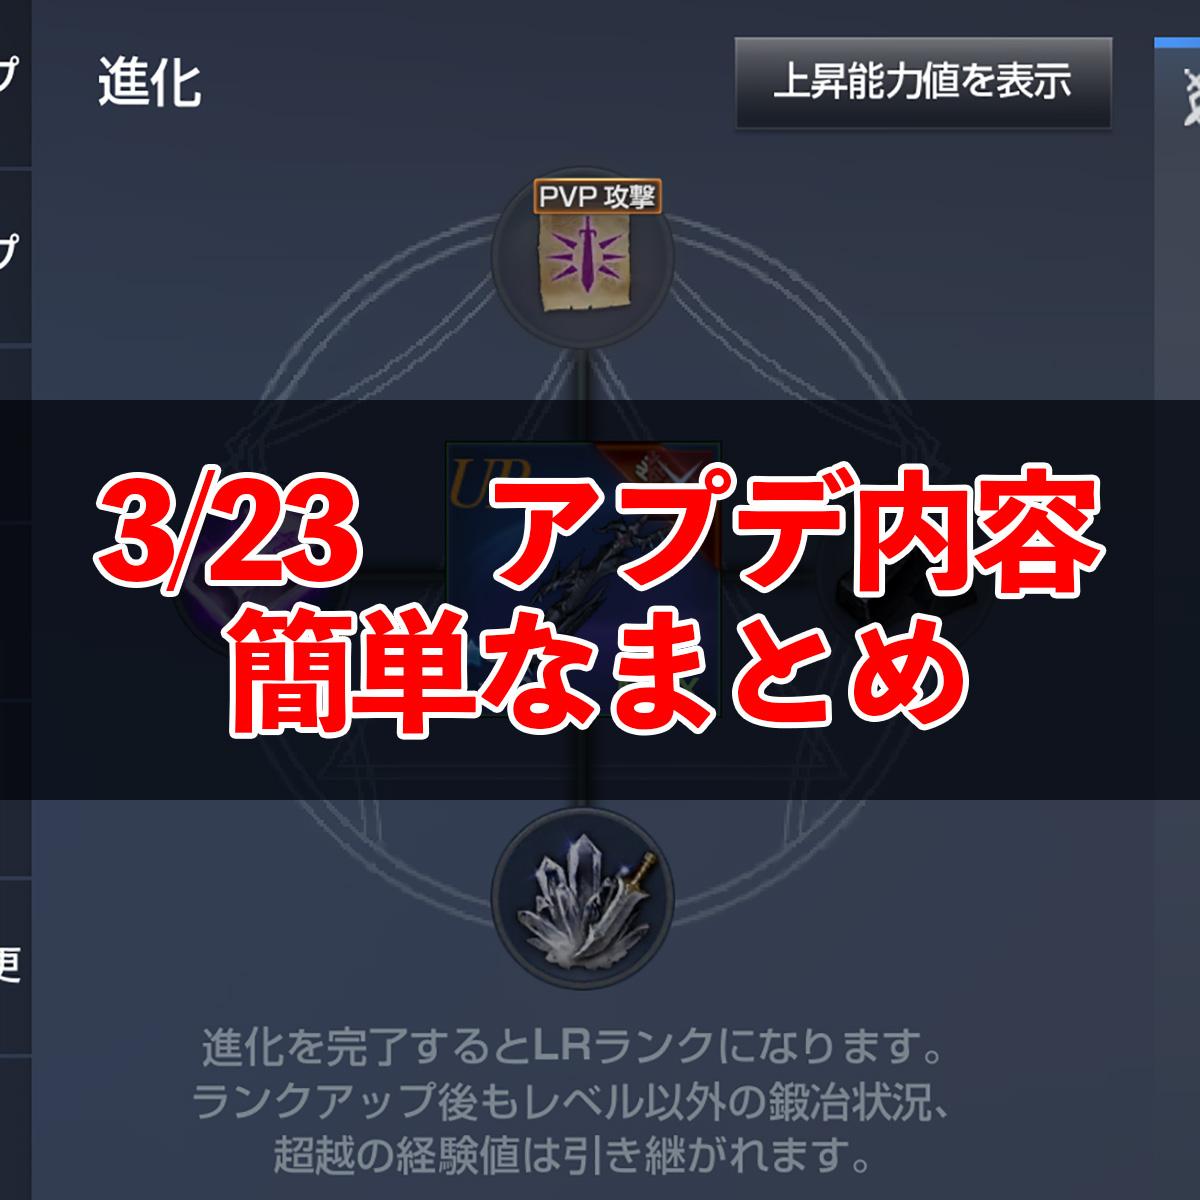 3/23アプデ内容まとめ